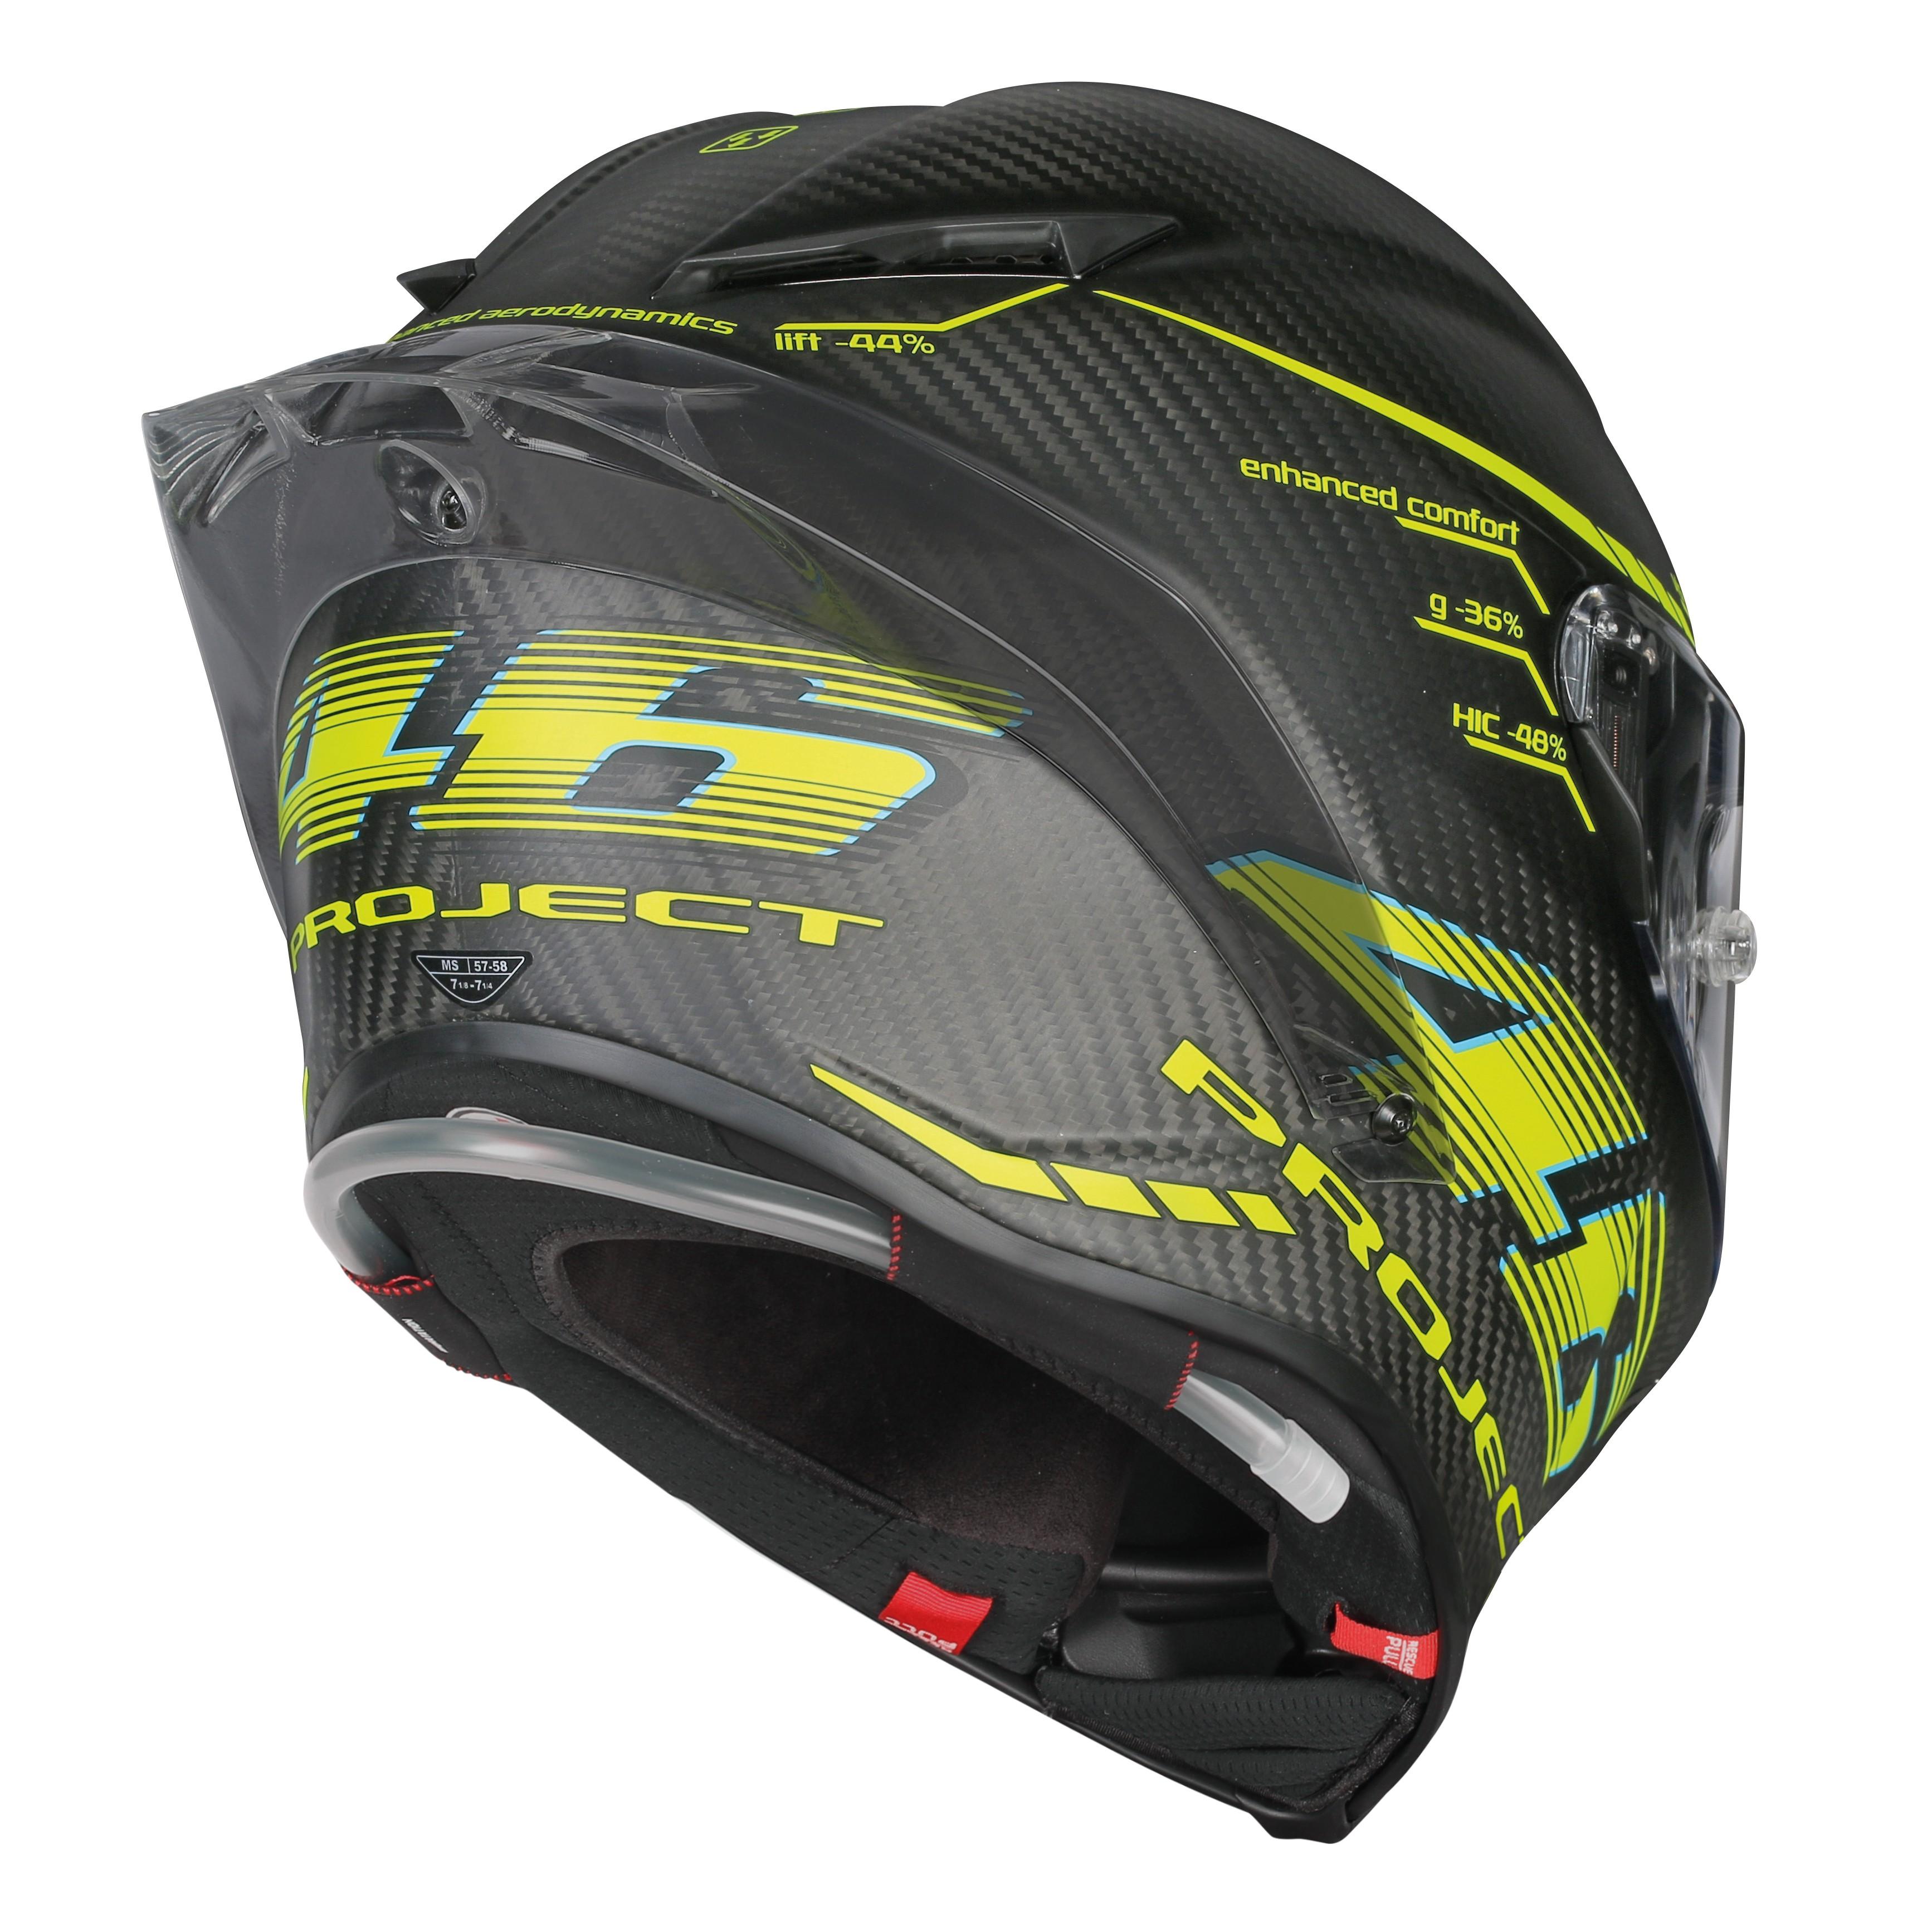 #apparel AGV Pista GP Valentino Rossi Project 46 2.0